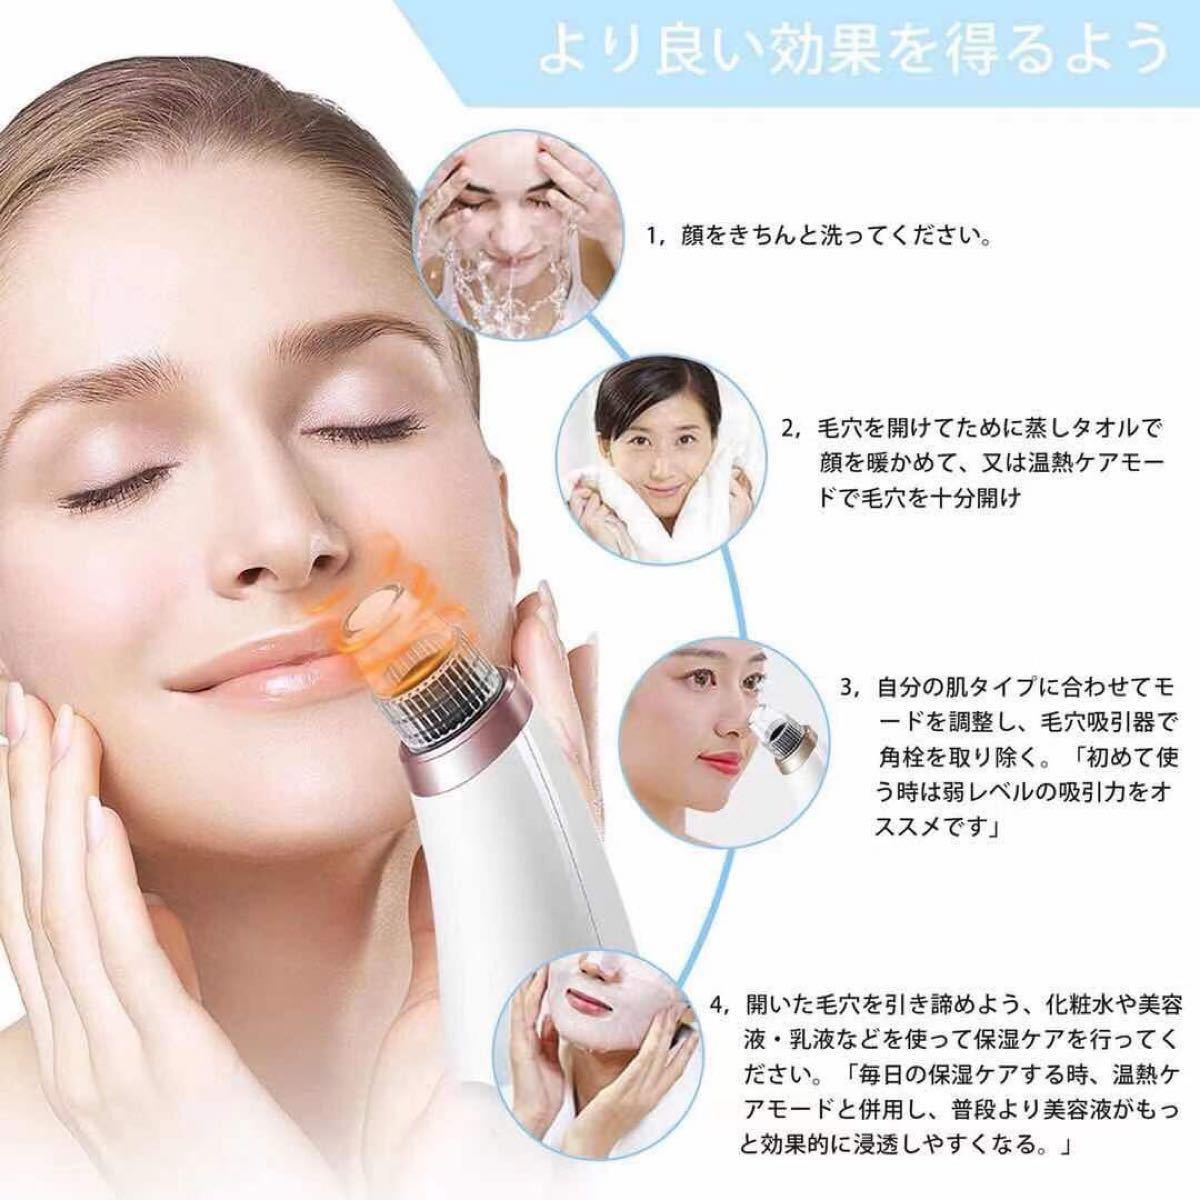 美顔器 毛穴吸引器 黒ずみ 毛穴ケア 光エステ 角栓除去